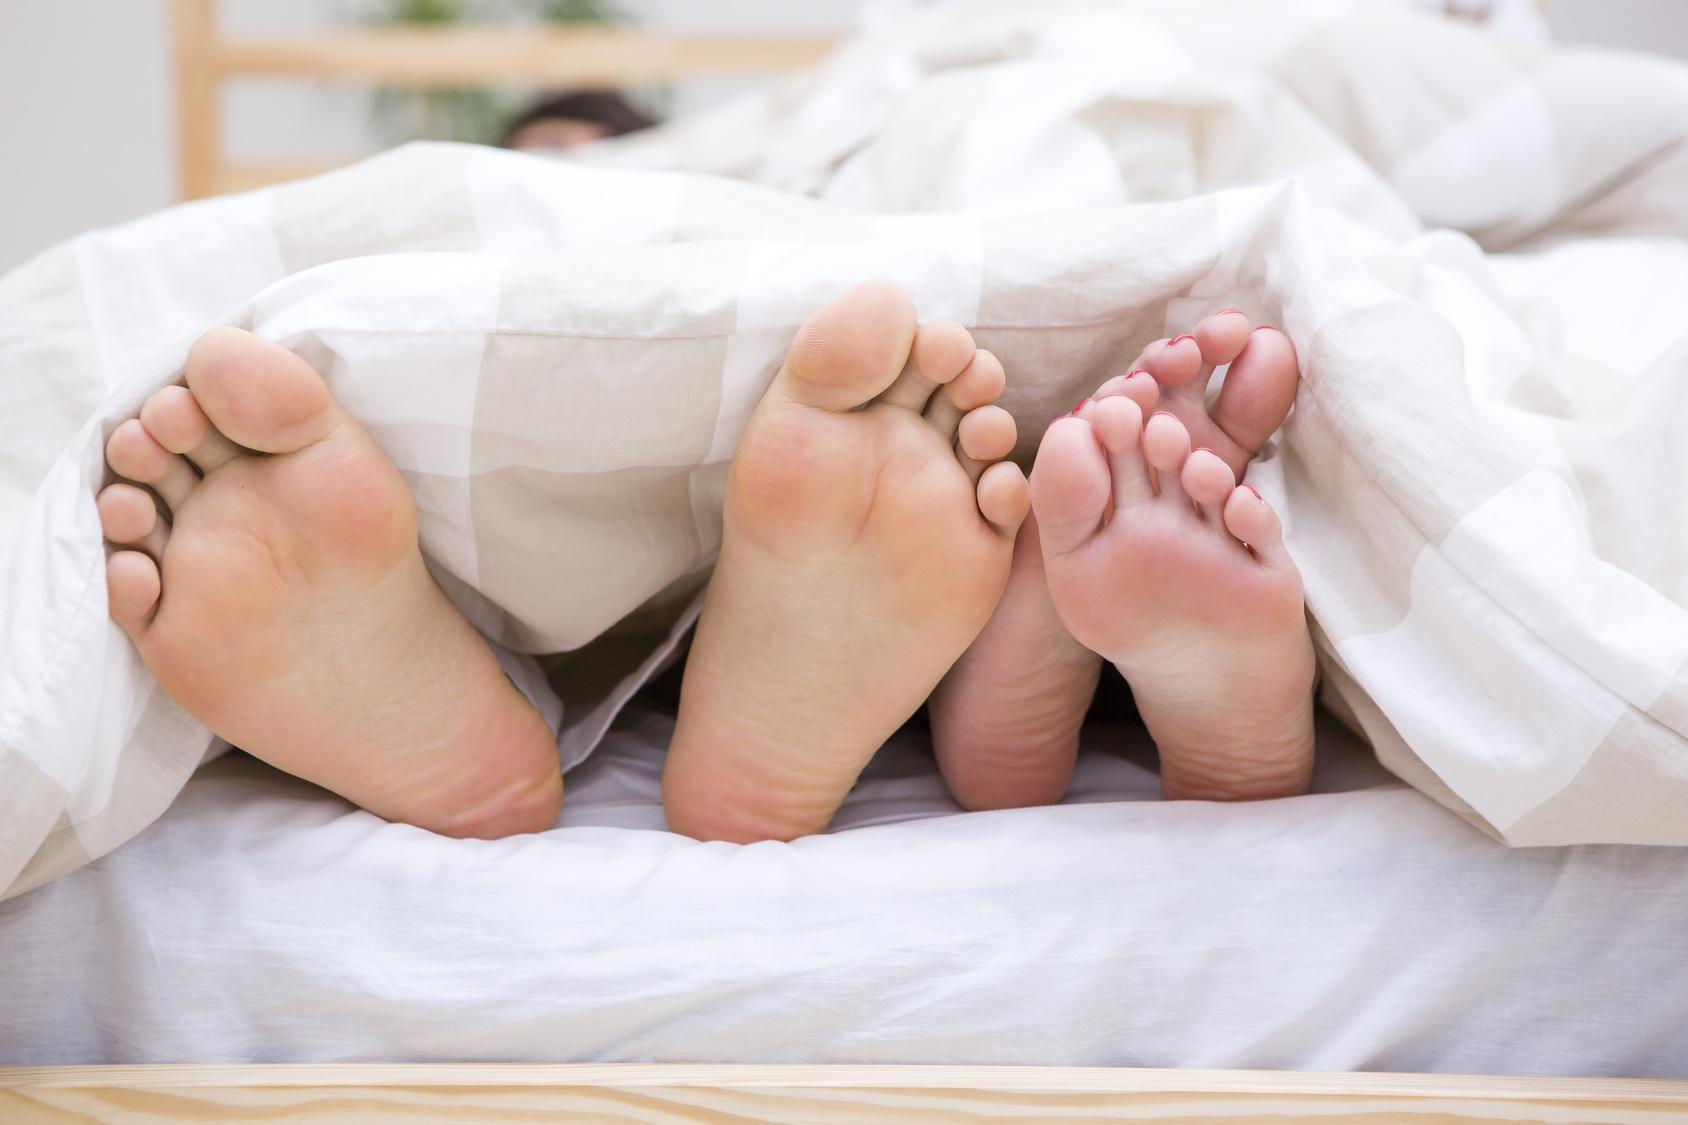 愛・ベッドで並んだ足